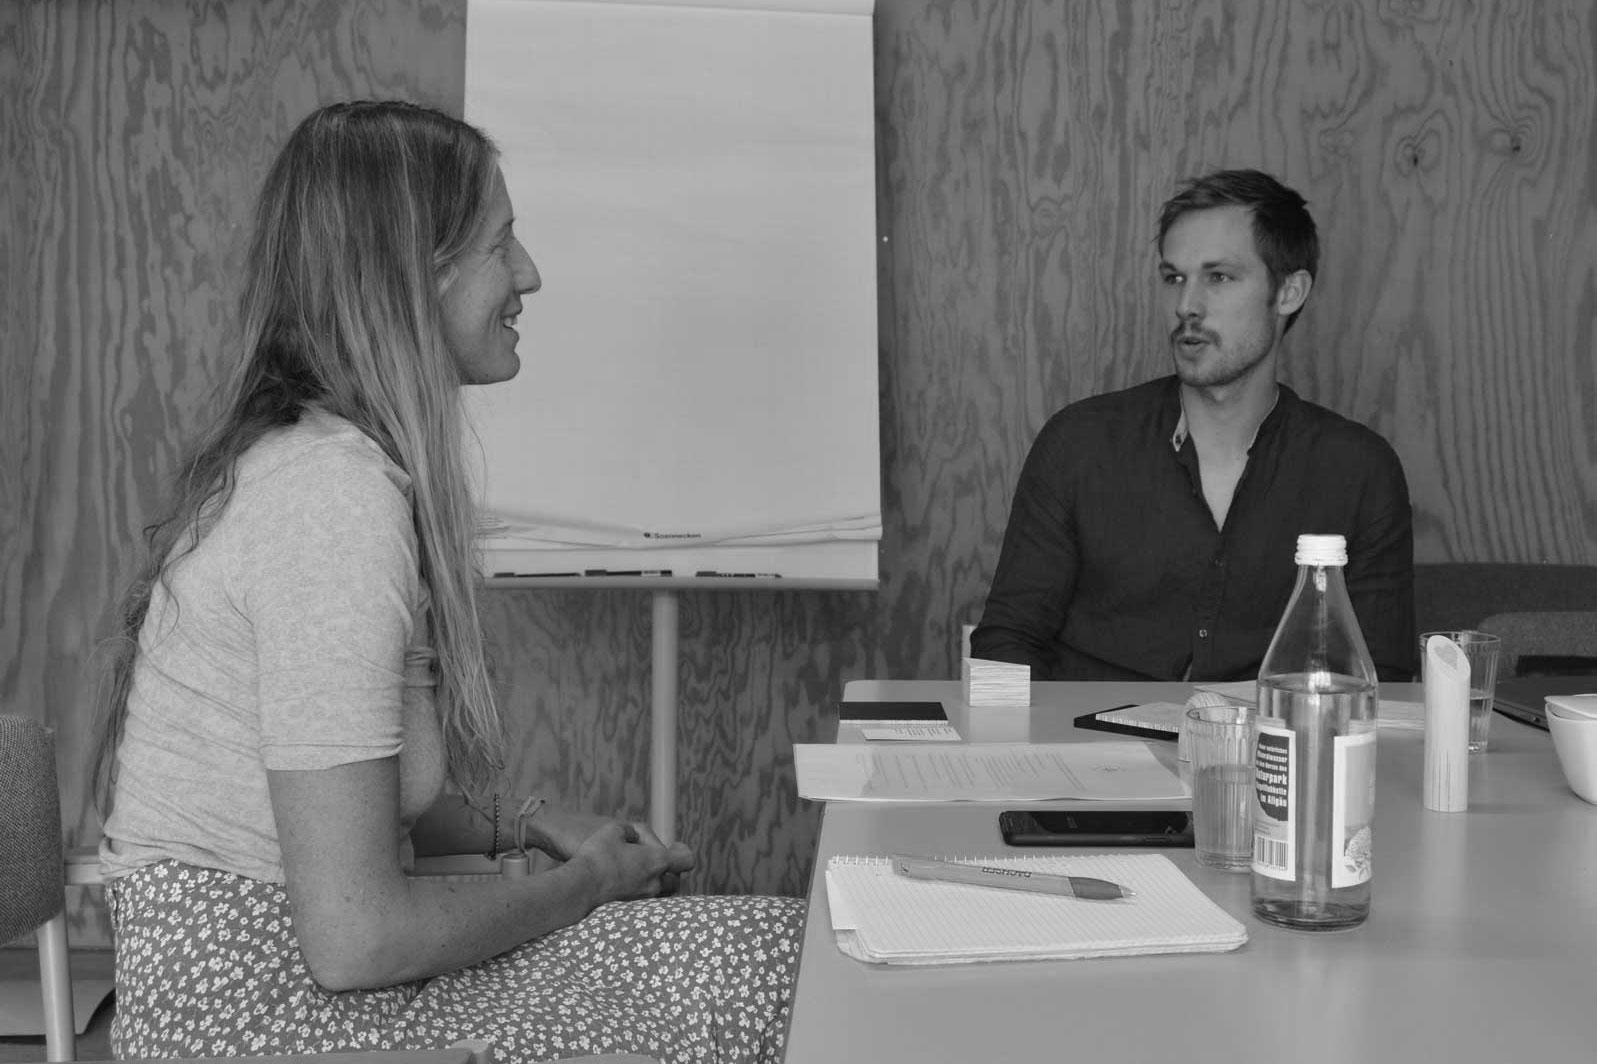 outforspace-interview-3-gruenden-allgaeu